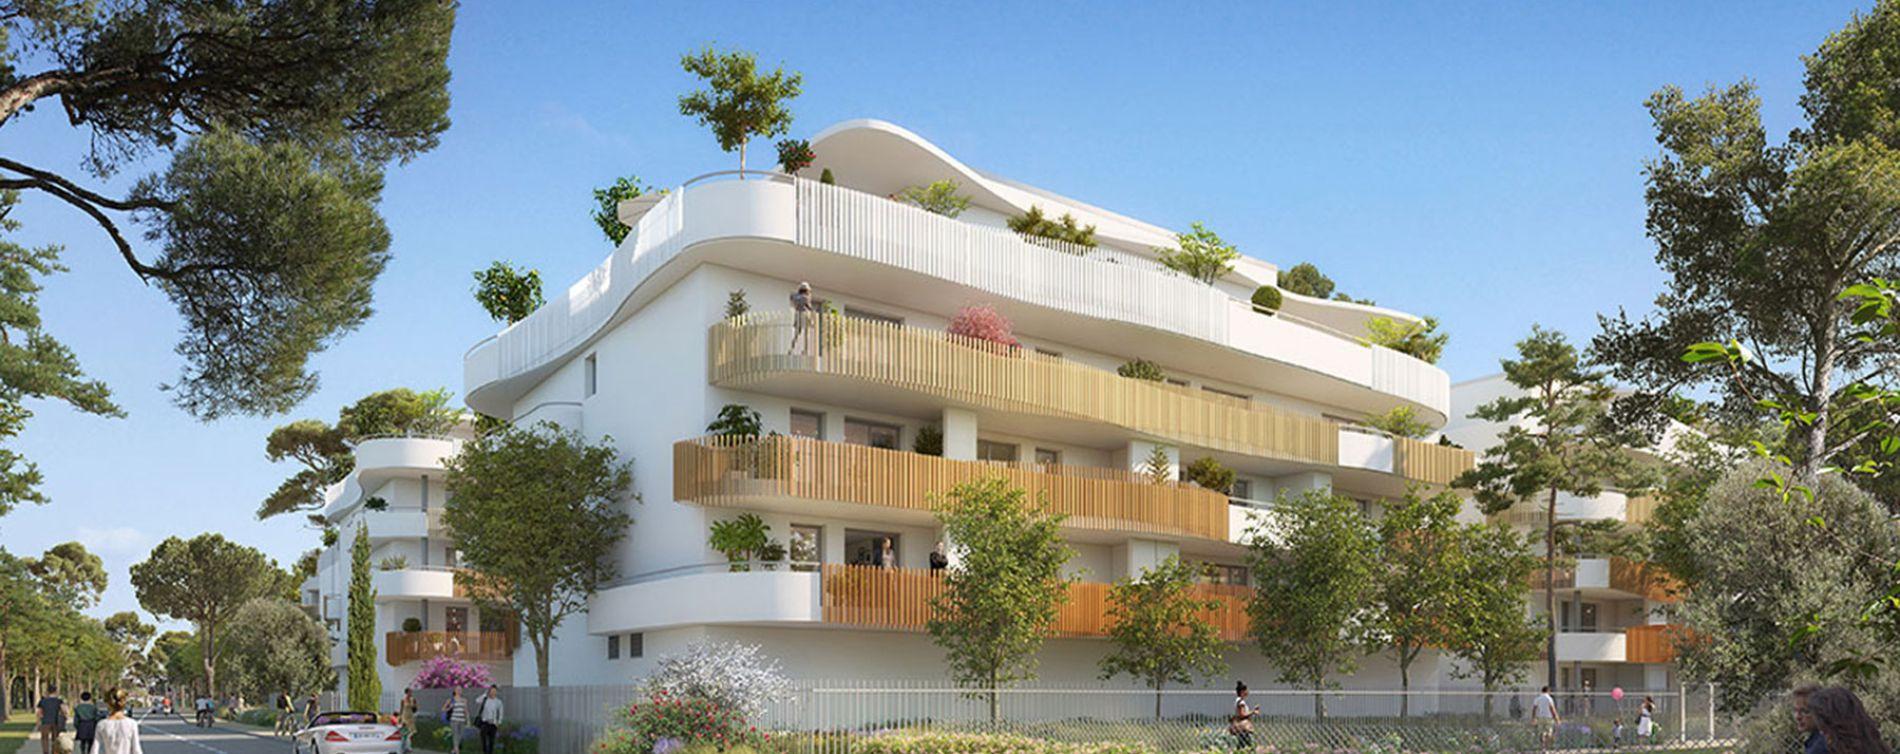 Sérignan : programme immobilier neuve « Le Parc des Cyclades - Tr 2 » en Loi Pinel